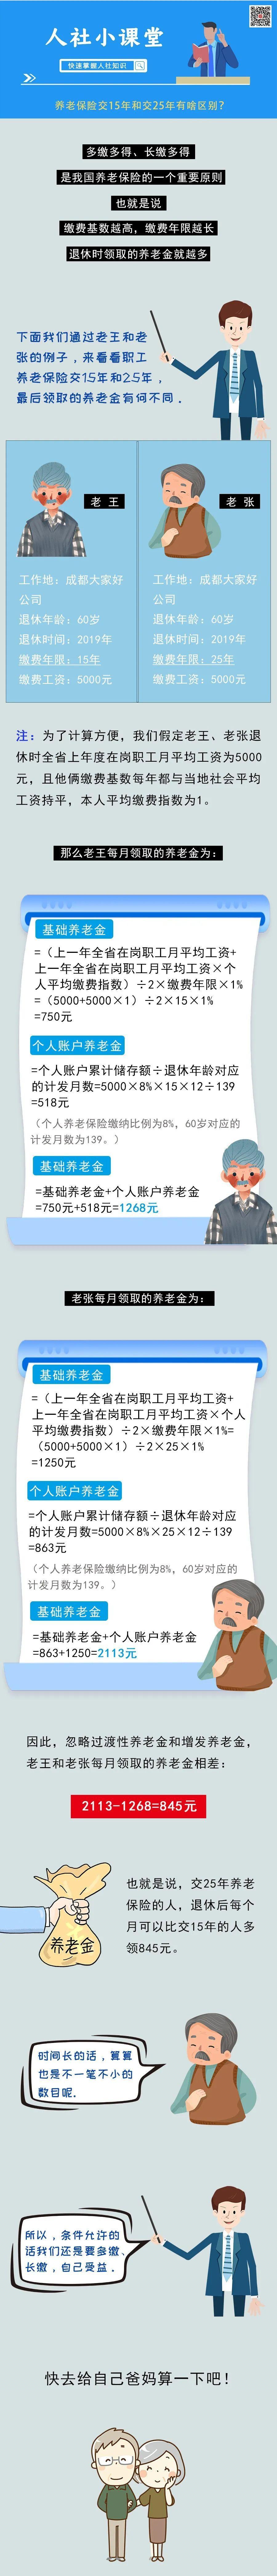 养老保险缴费15年和25年有啥区别?点这里养老金可自己测算!